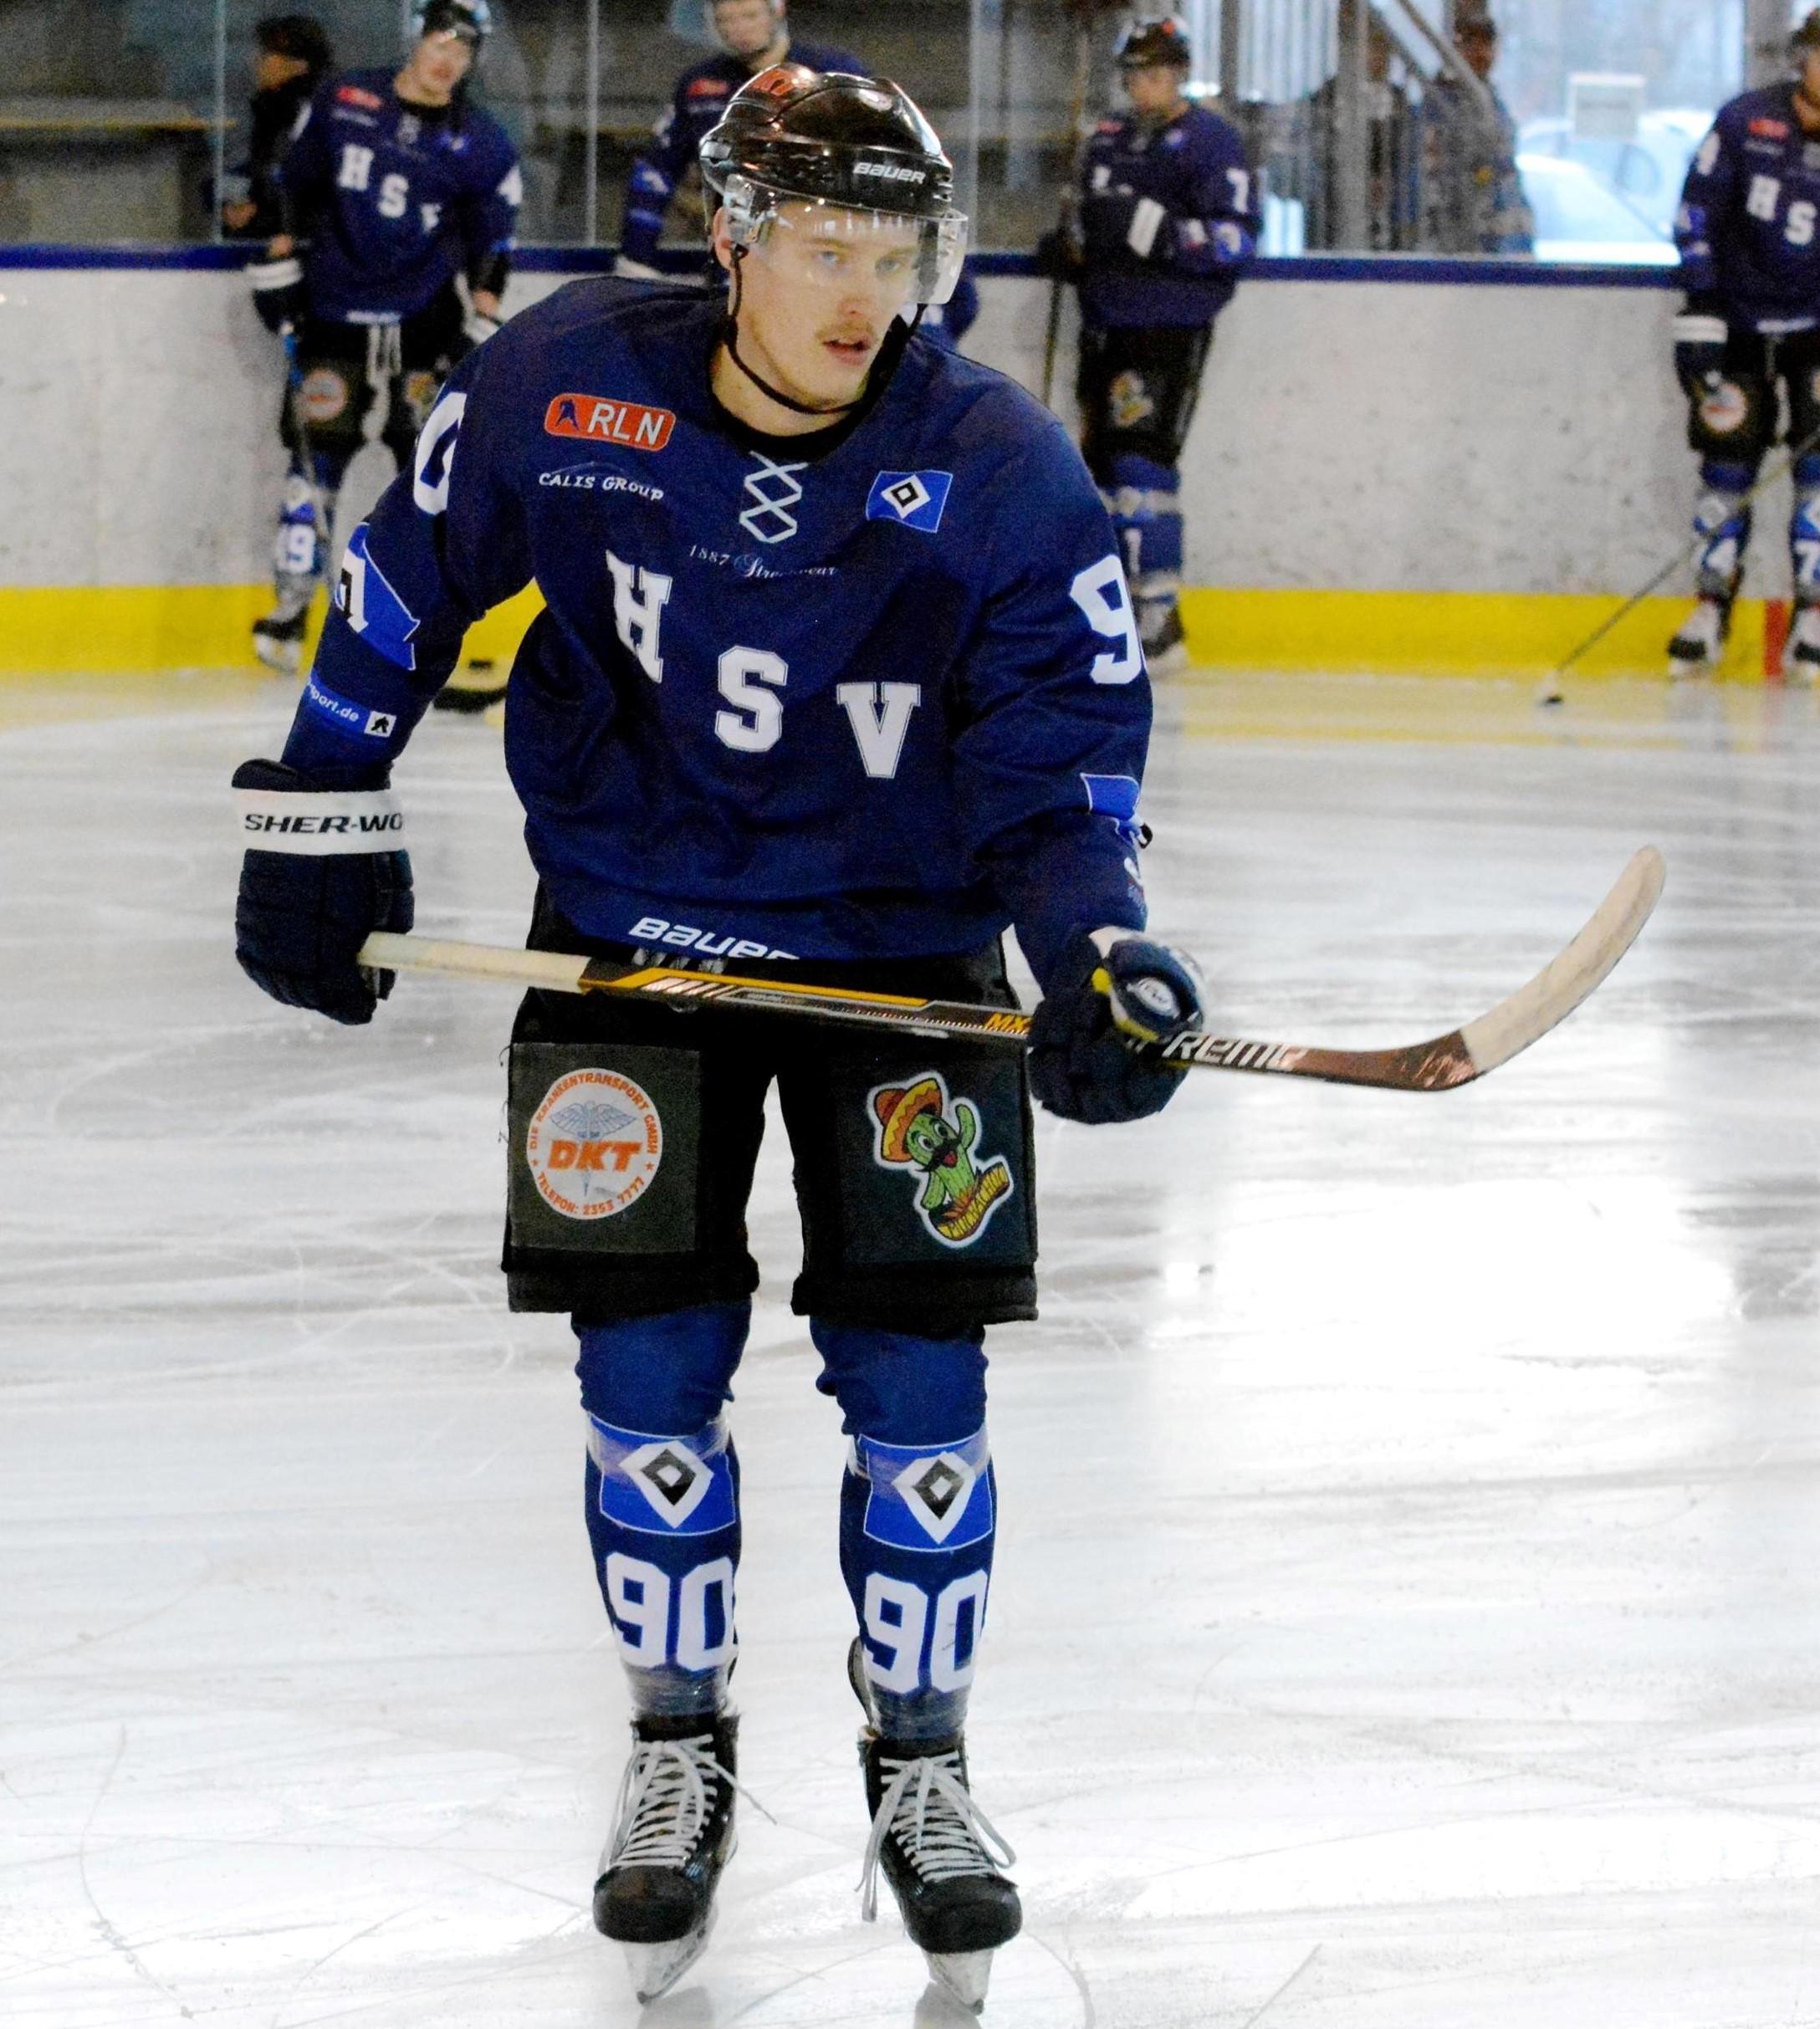 Hsv Eishockey